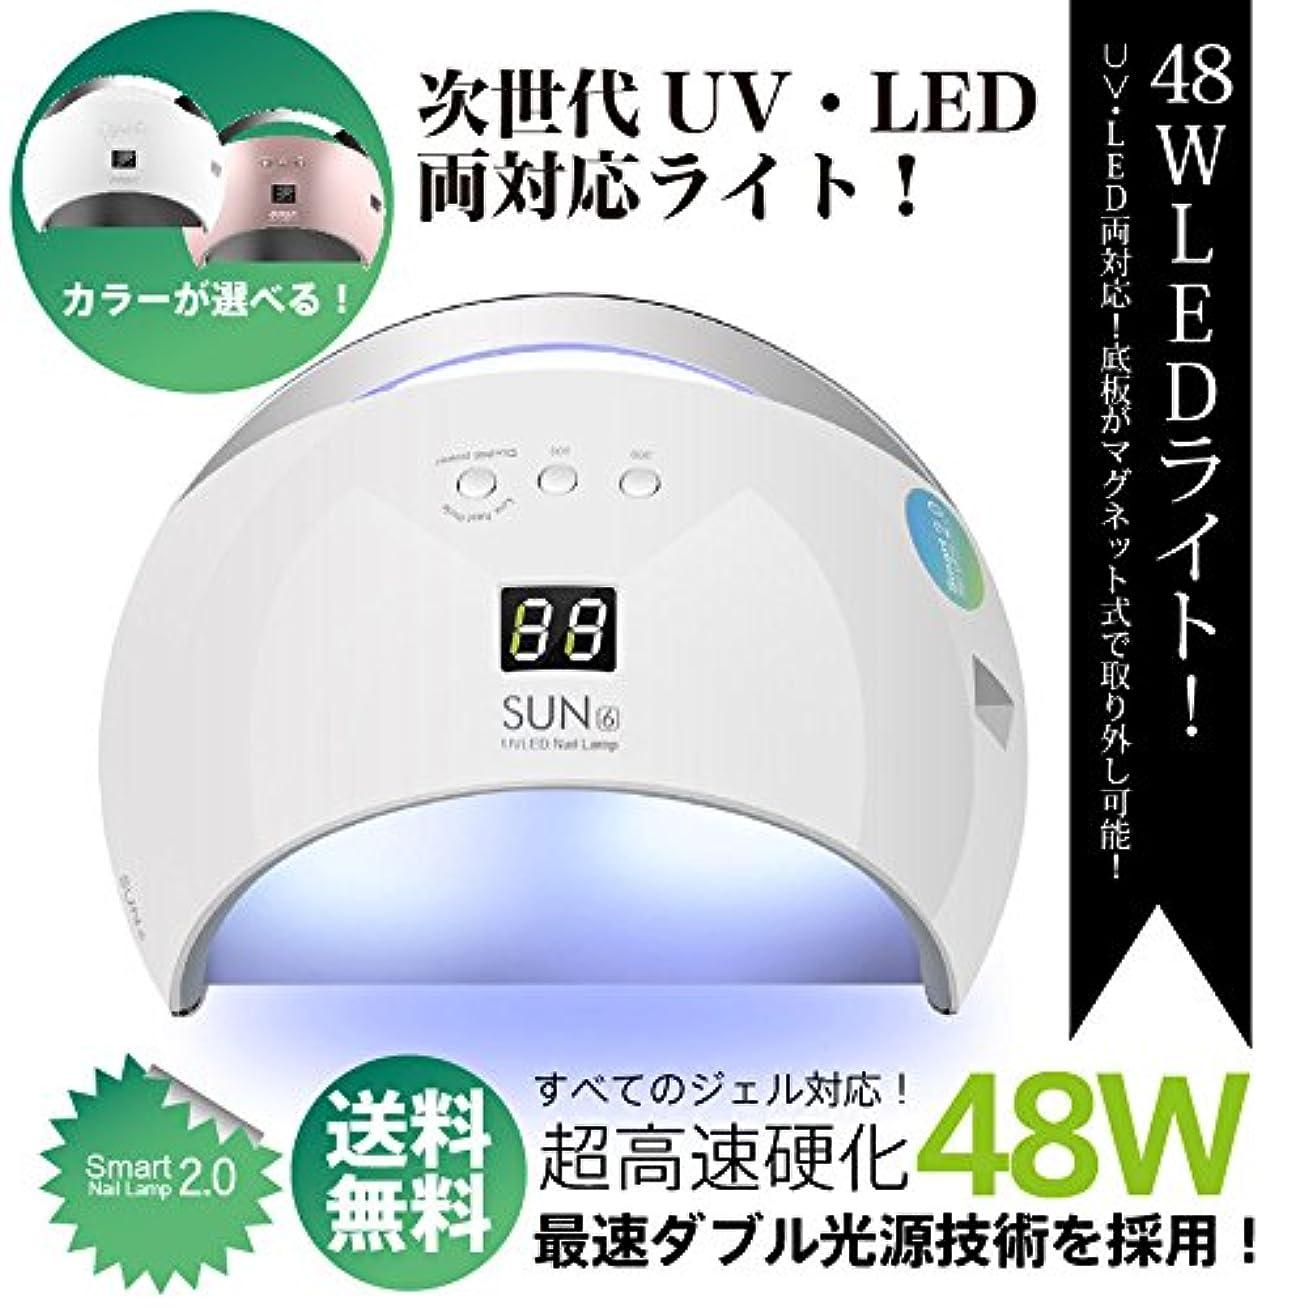 配管工ボールそれらジェルネイル?クラフトレジン UV+LED 48w UV/LED兼用ライト 2in1 人感センサー付 ディスプレイ付 低ヒートモード搭載 ネイルドライヤー 【UV+LED二重光源】 【保証付き】 カラー:ホワイト